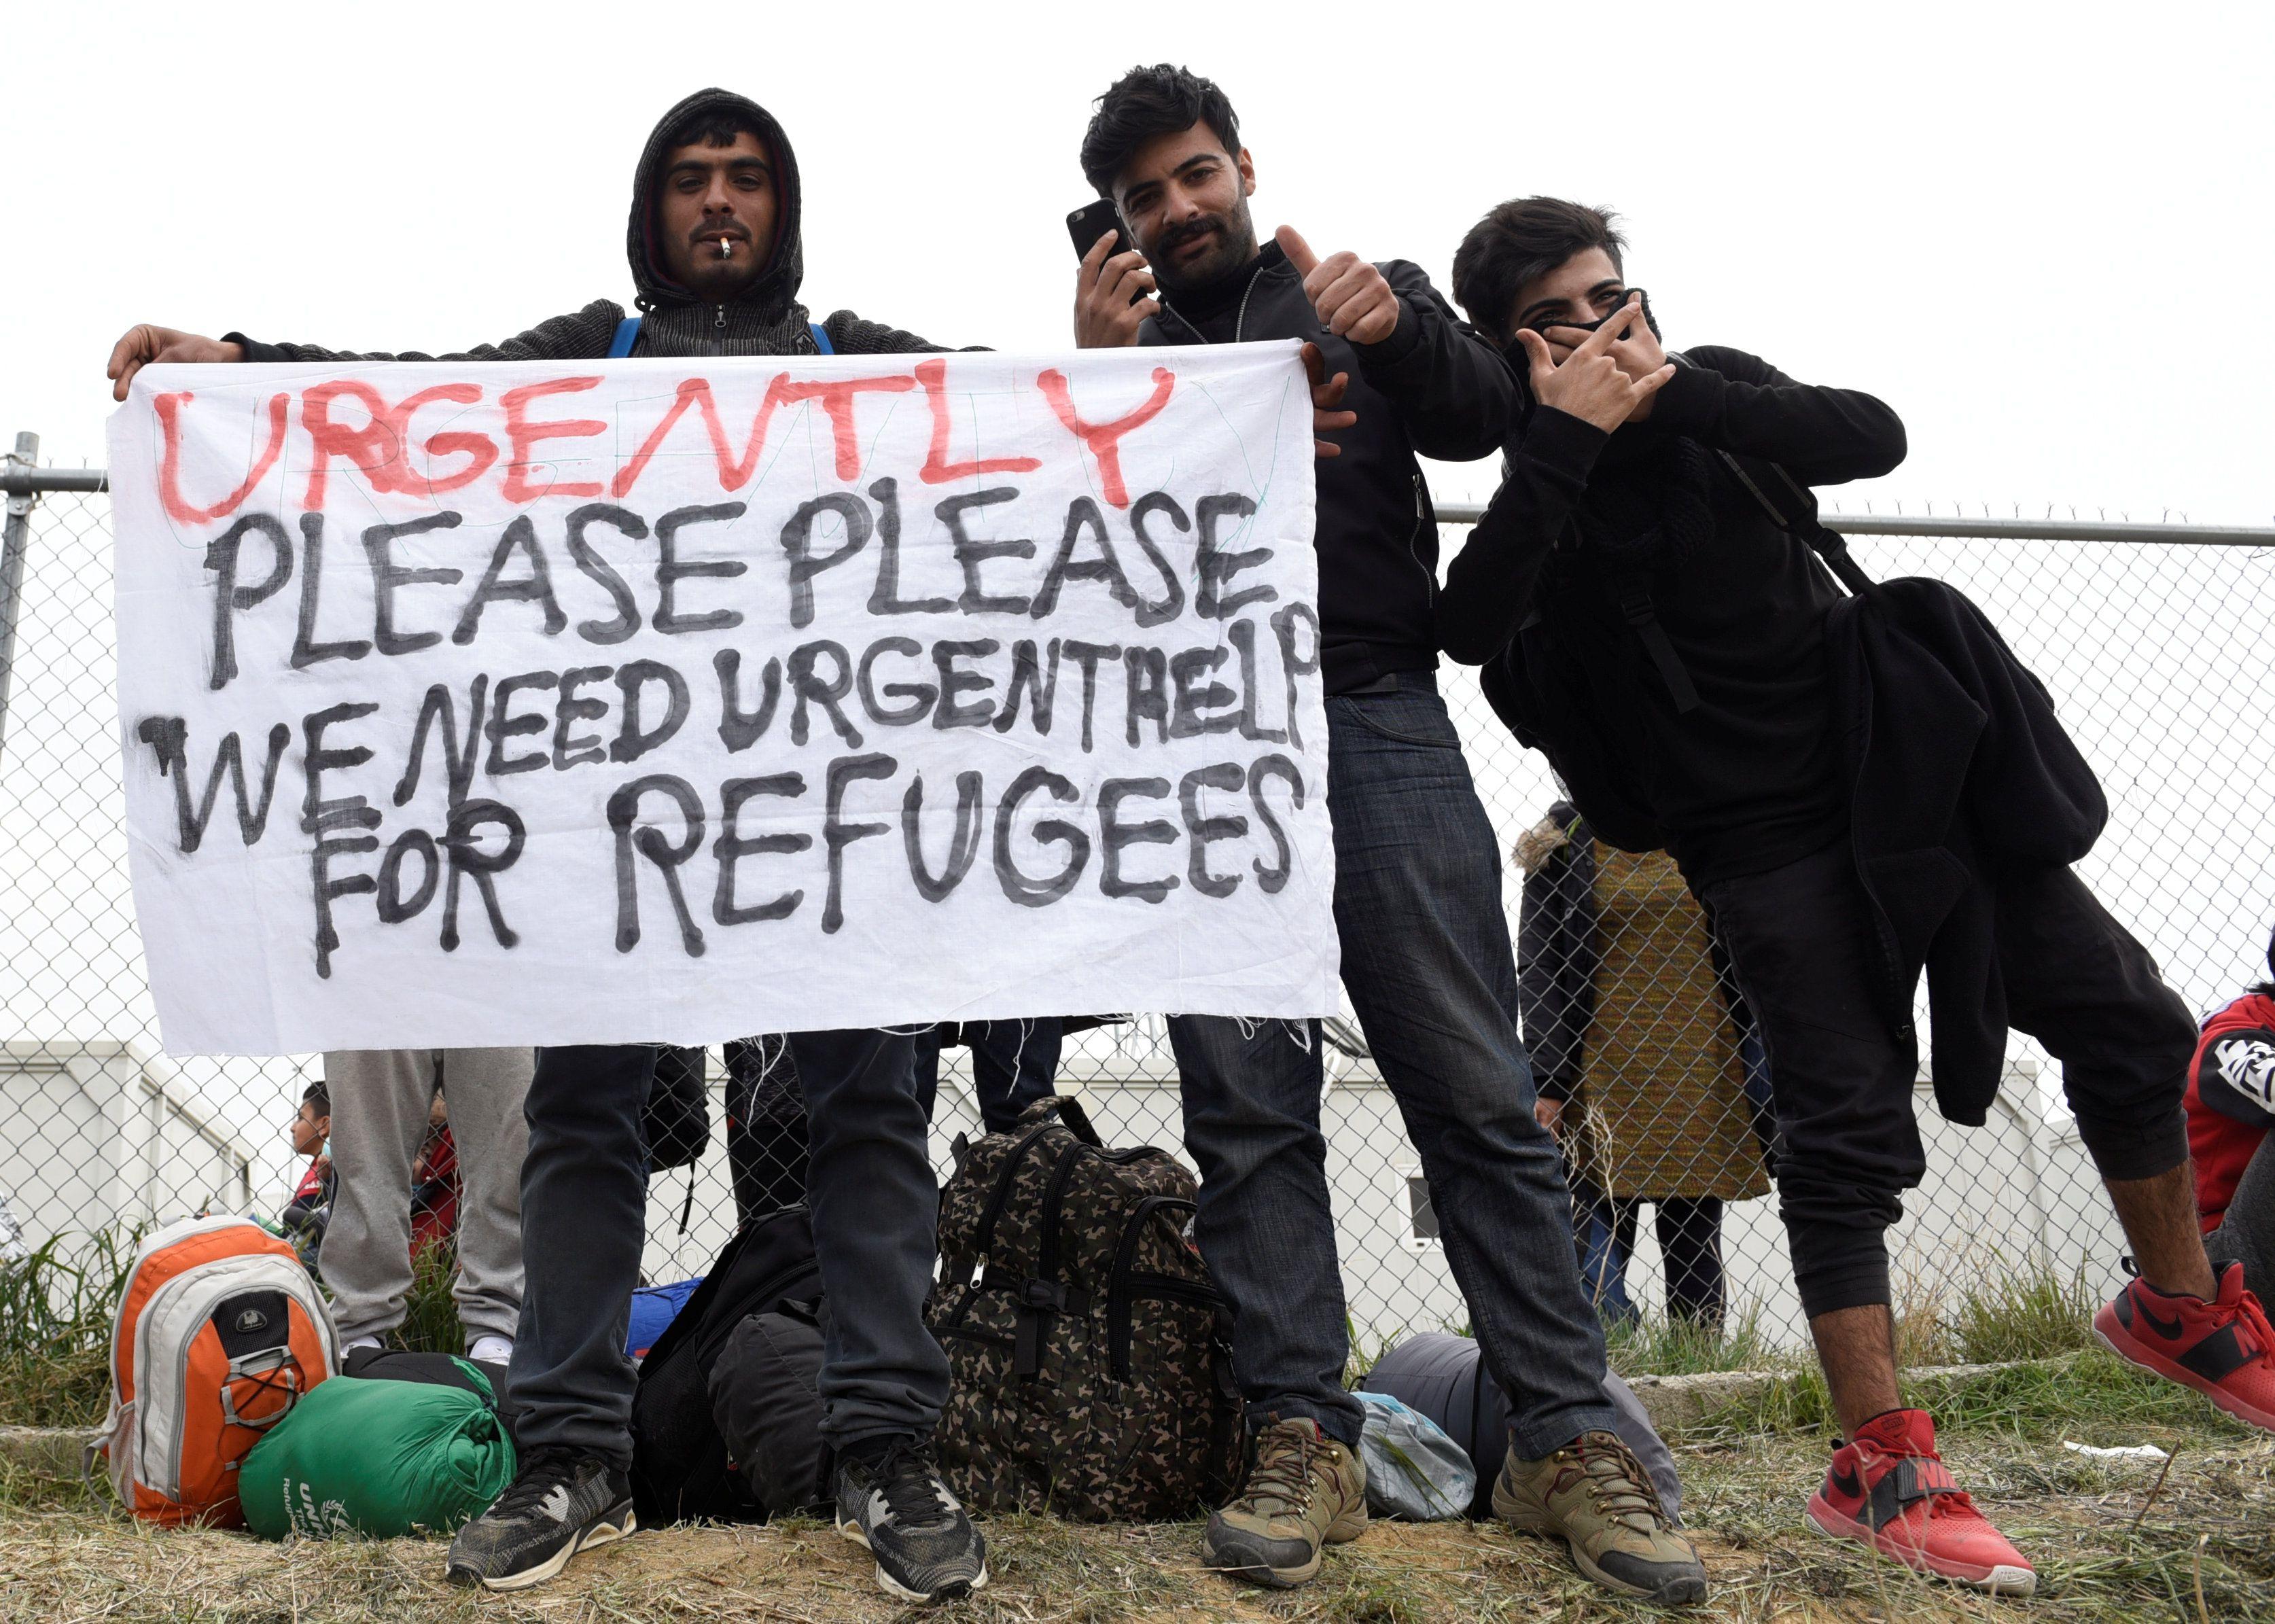 La crisis migratoria ha convertido a Grecia en un embudo al que llegan miles de personas, pero pocas pueden atravesar (Reuters)